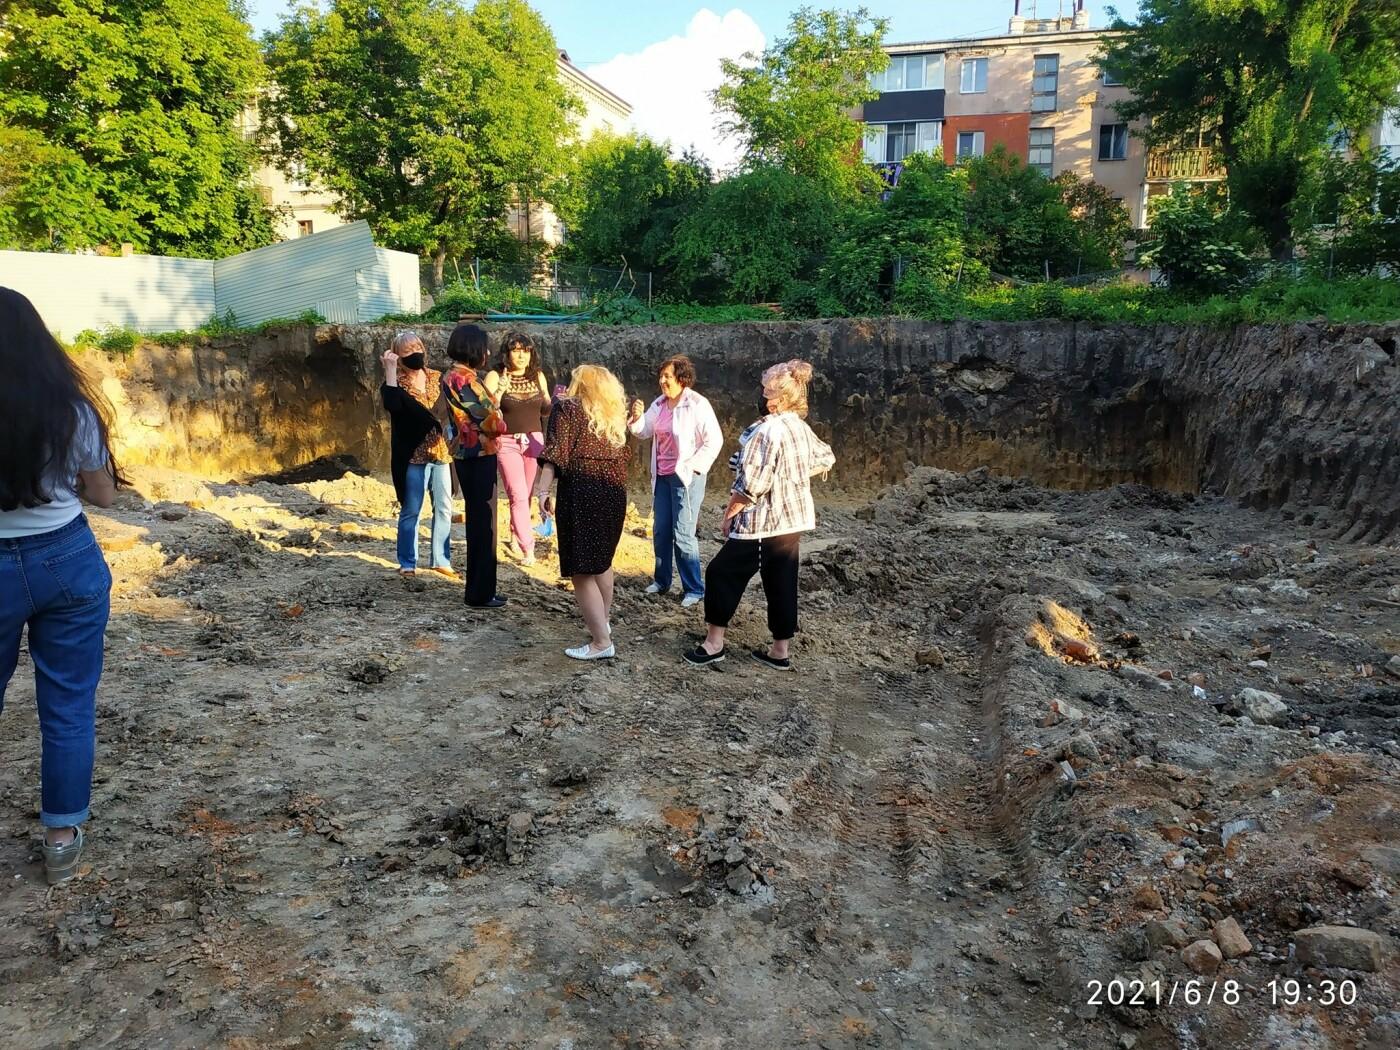 Моторошна знахідка: на будівельному майданчику у Тернополі викопали людські рештки (ФОТО), фото-4